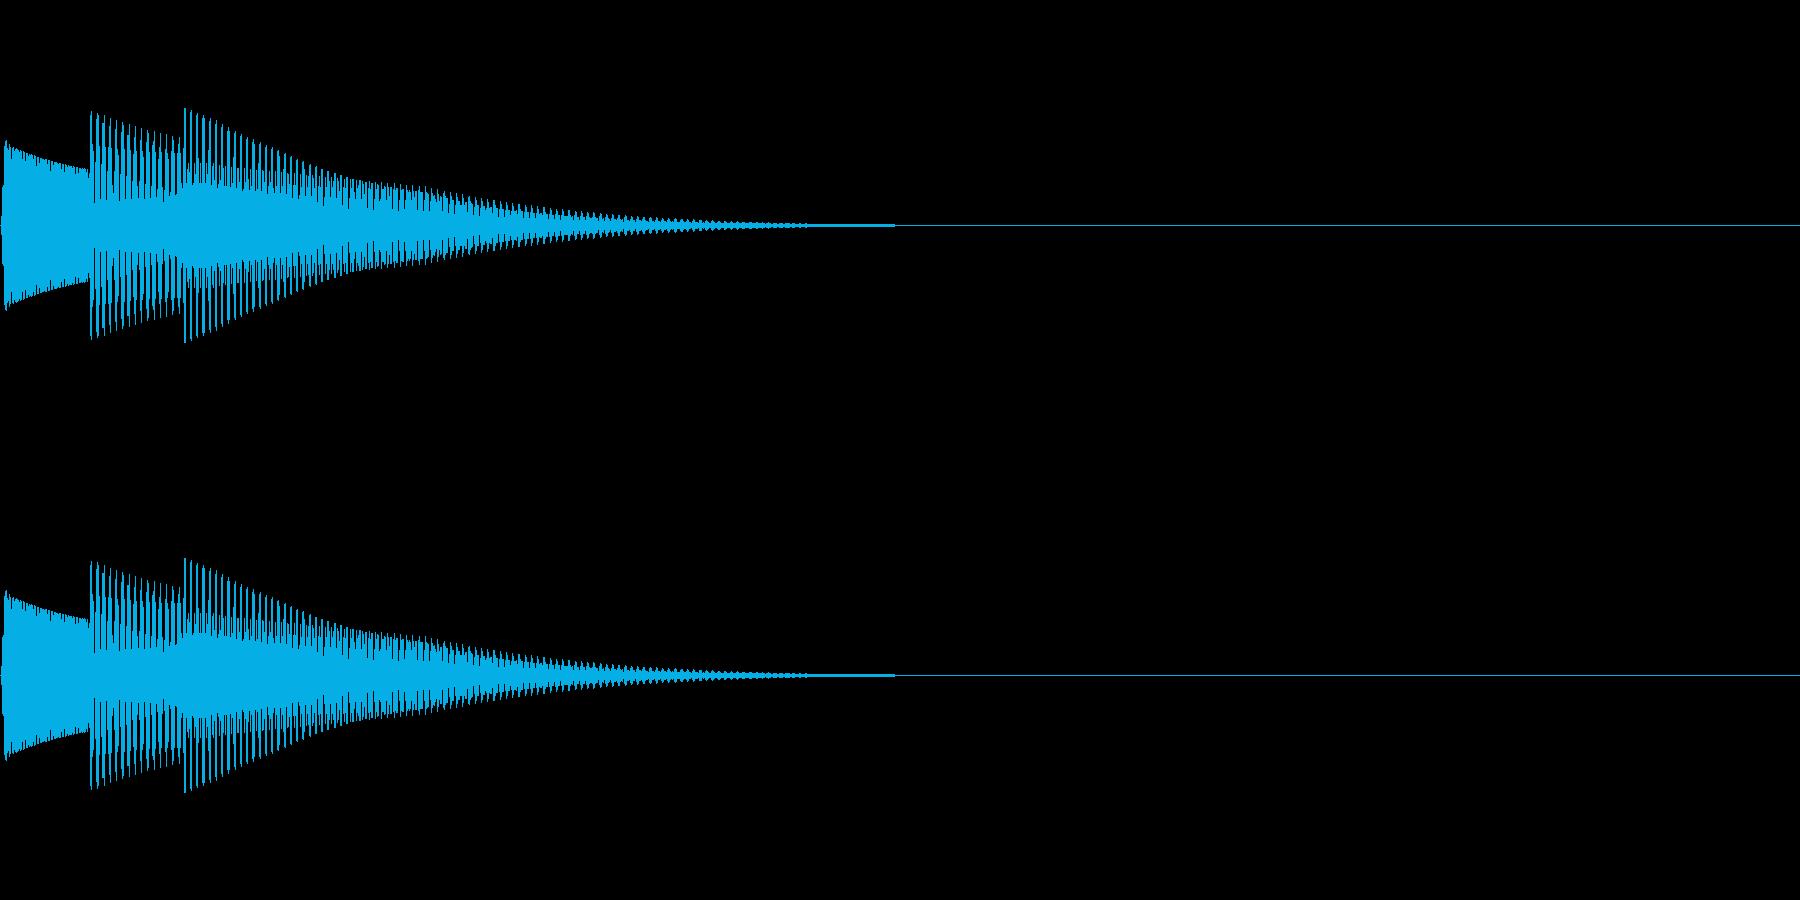 ピコーン(ワンポイント_アルペジオ)の再生済みの波形